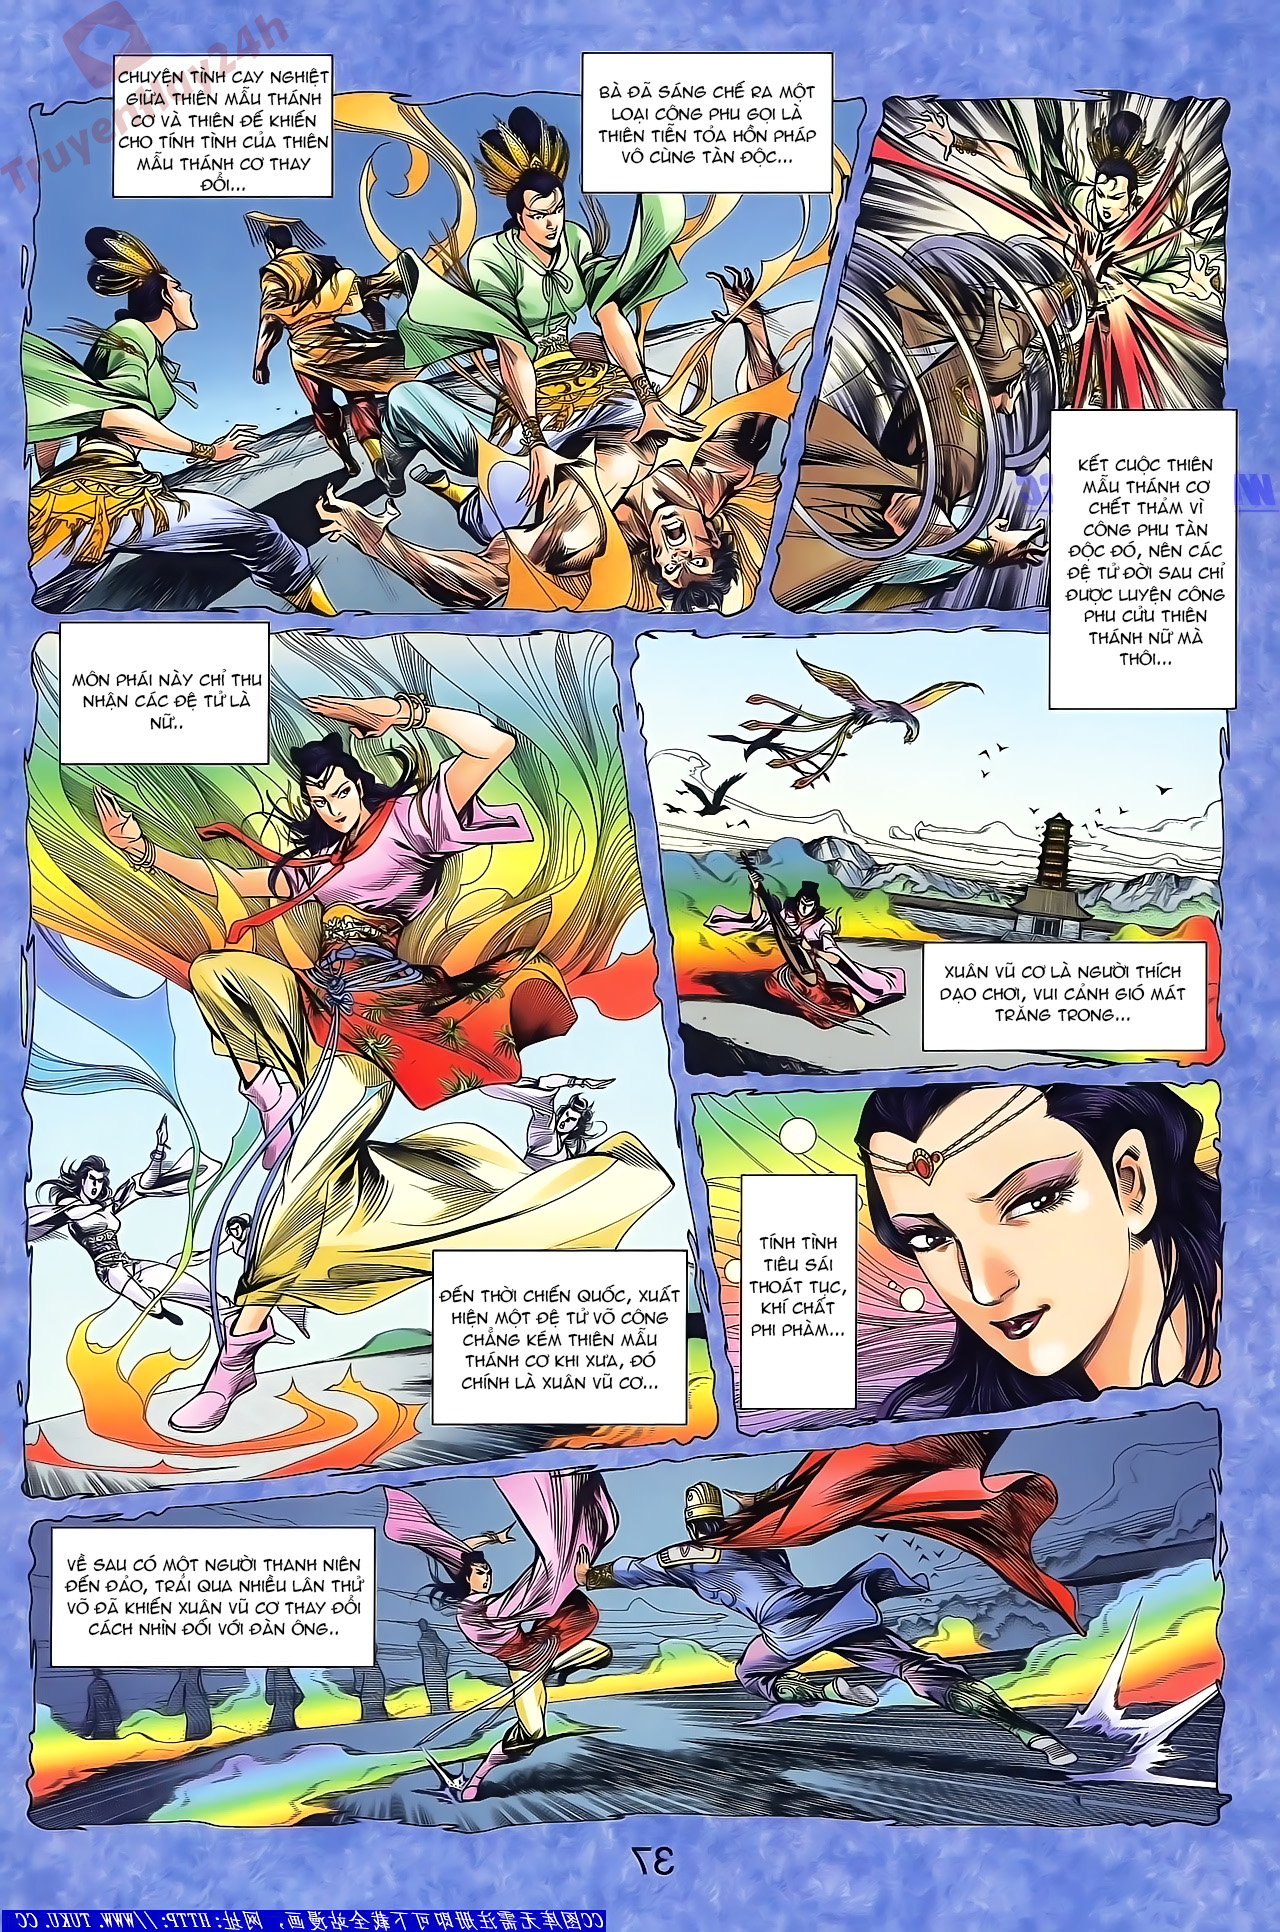 Tần Vương Doanh Chính chapter 46 trang 3